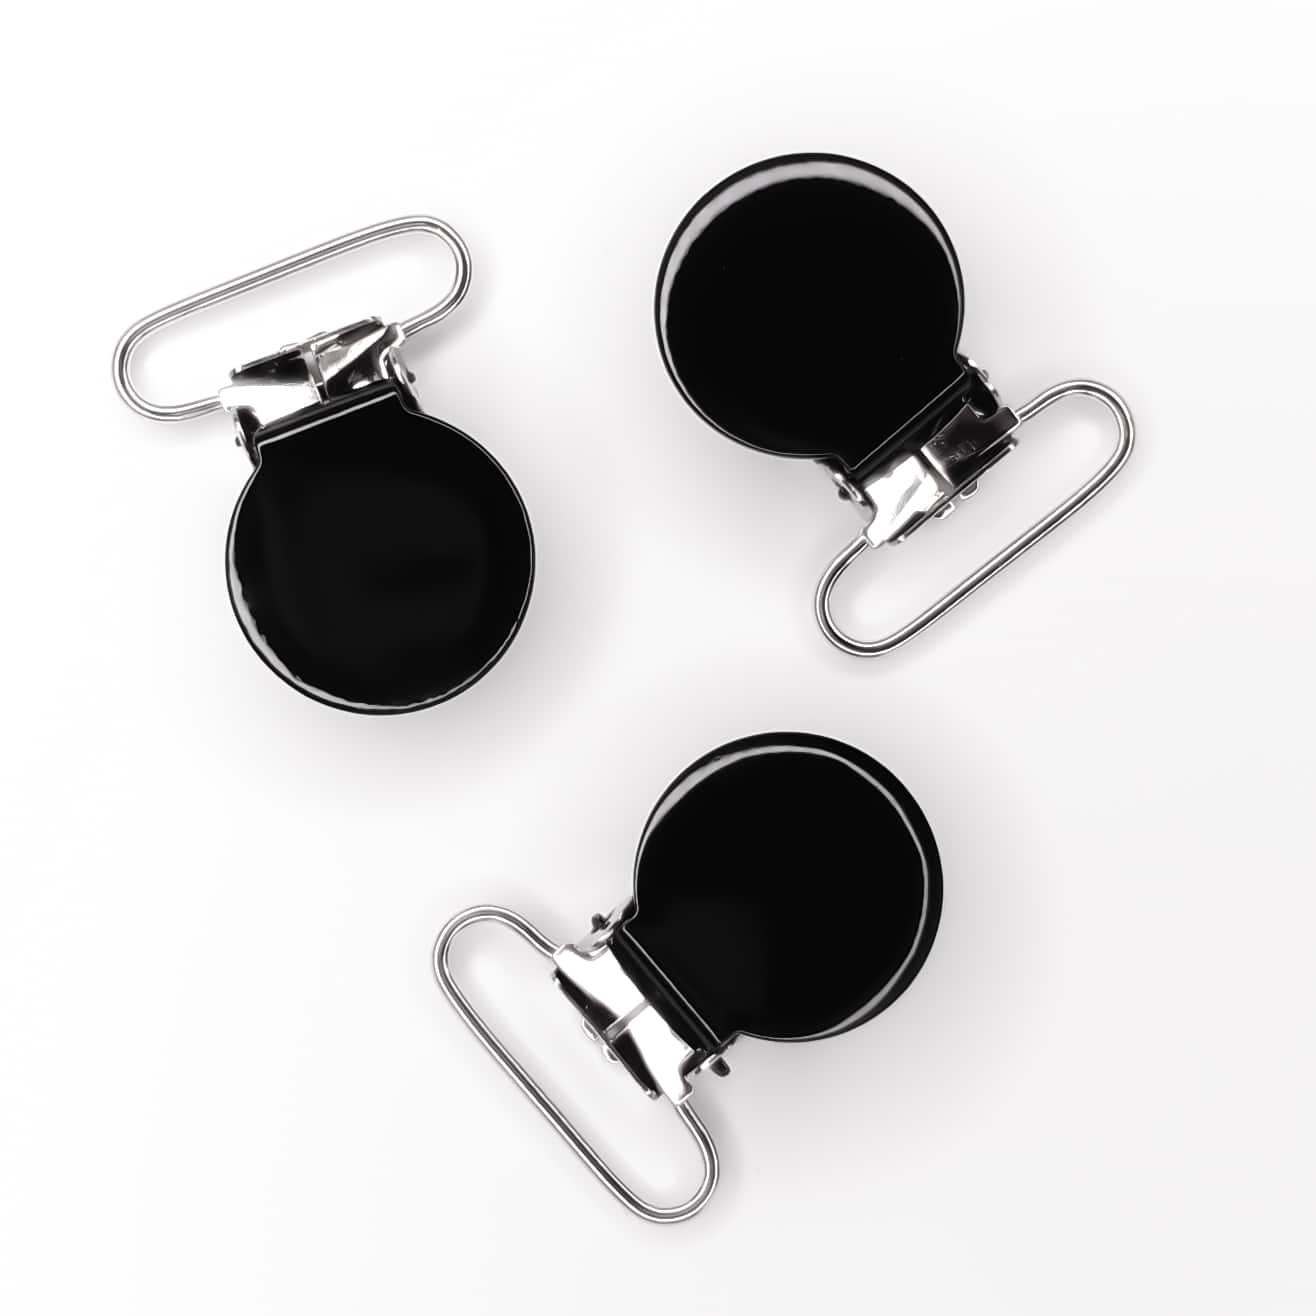 Metalen speenclips zwart veilig baby lood vrij